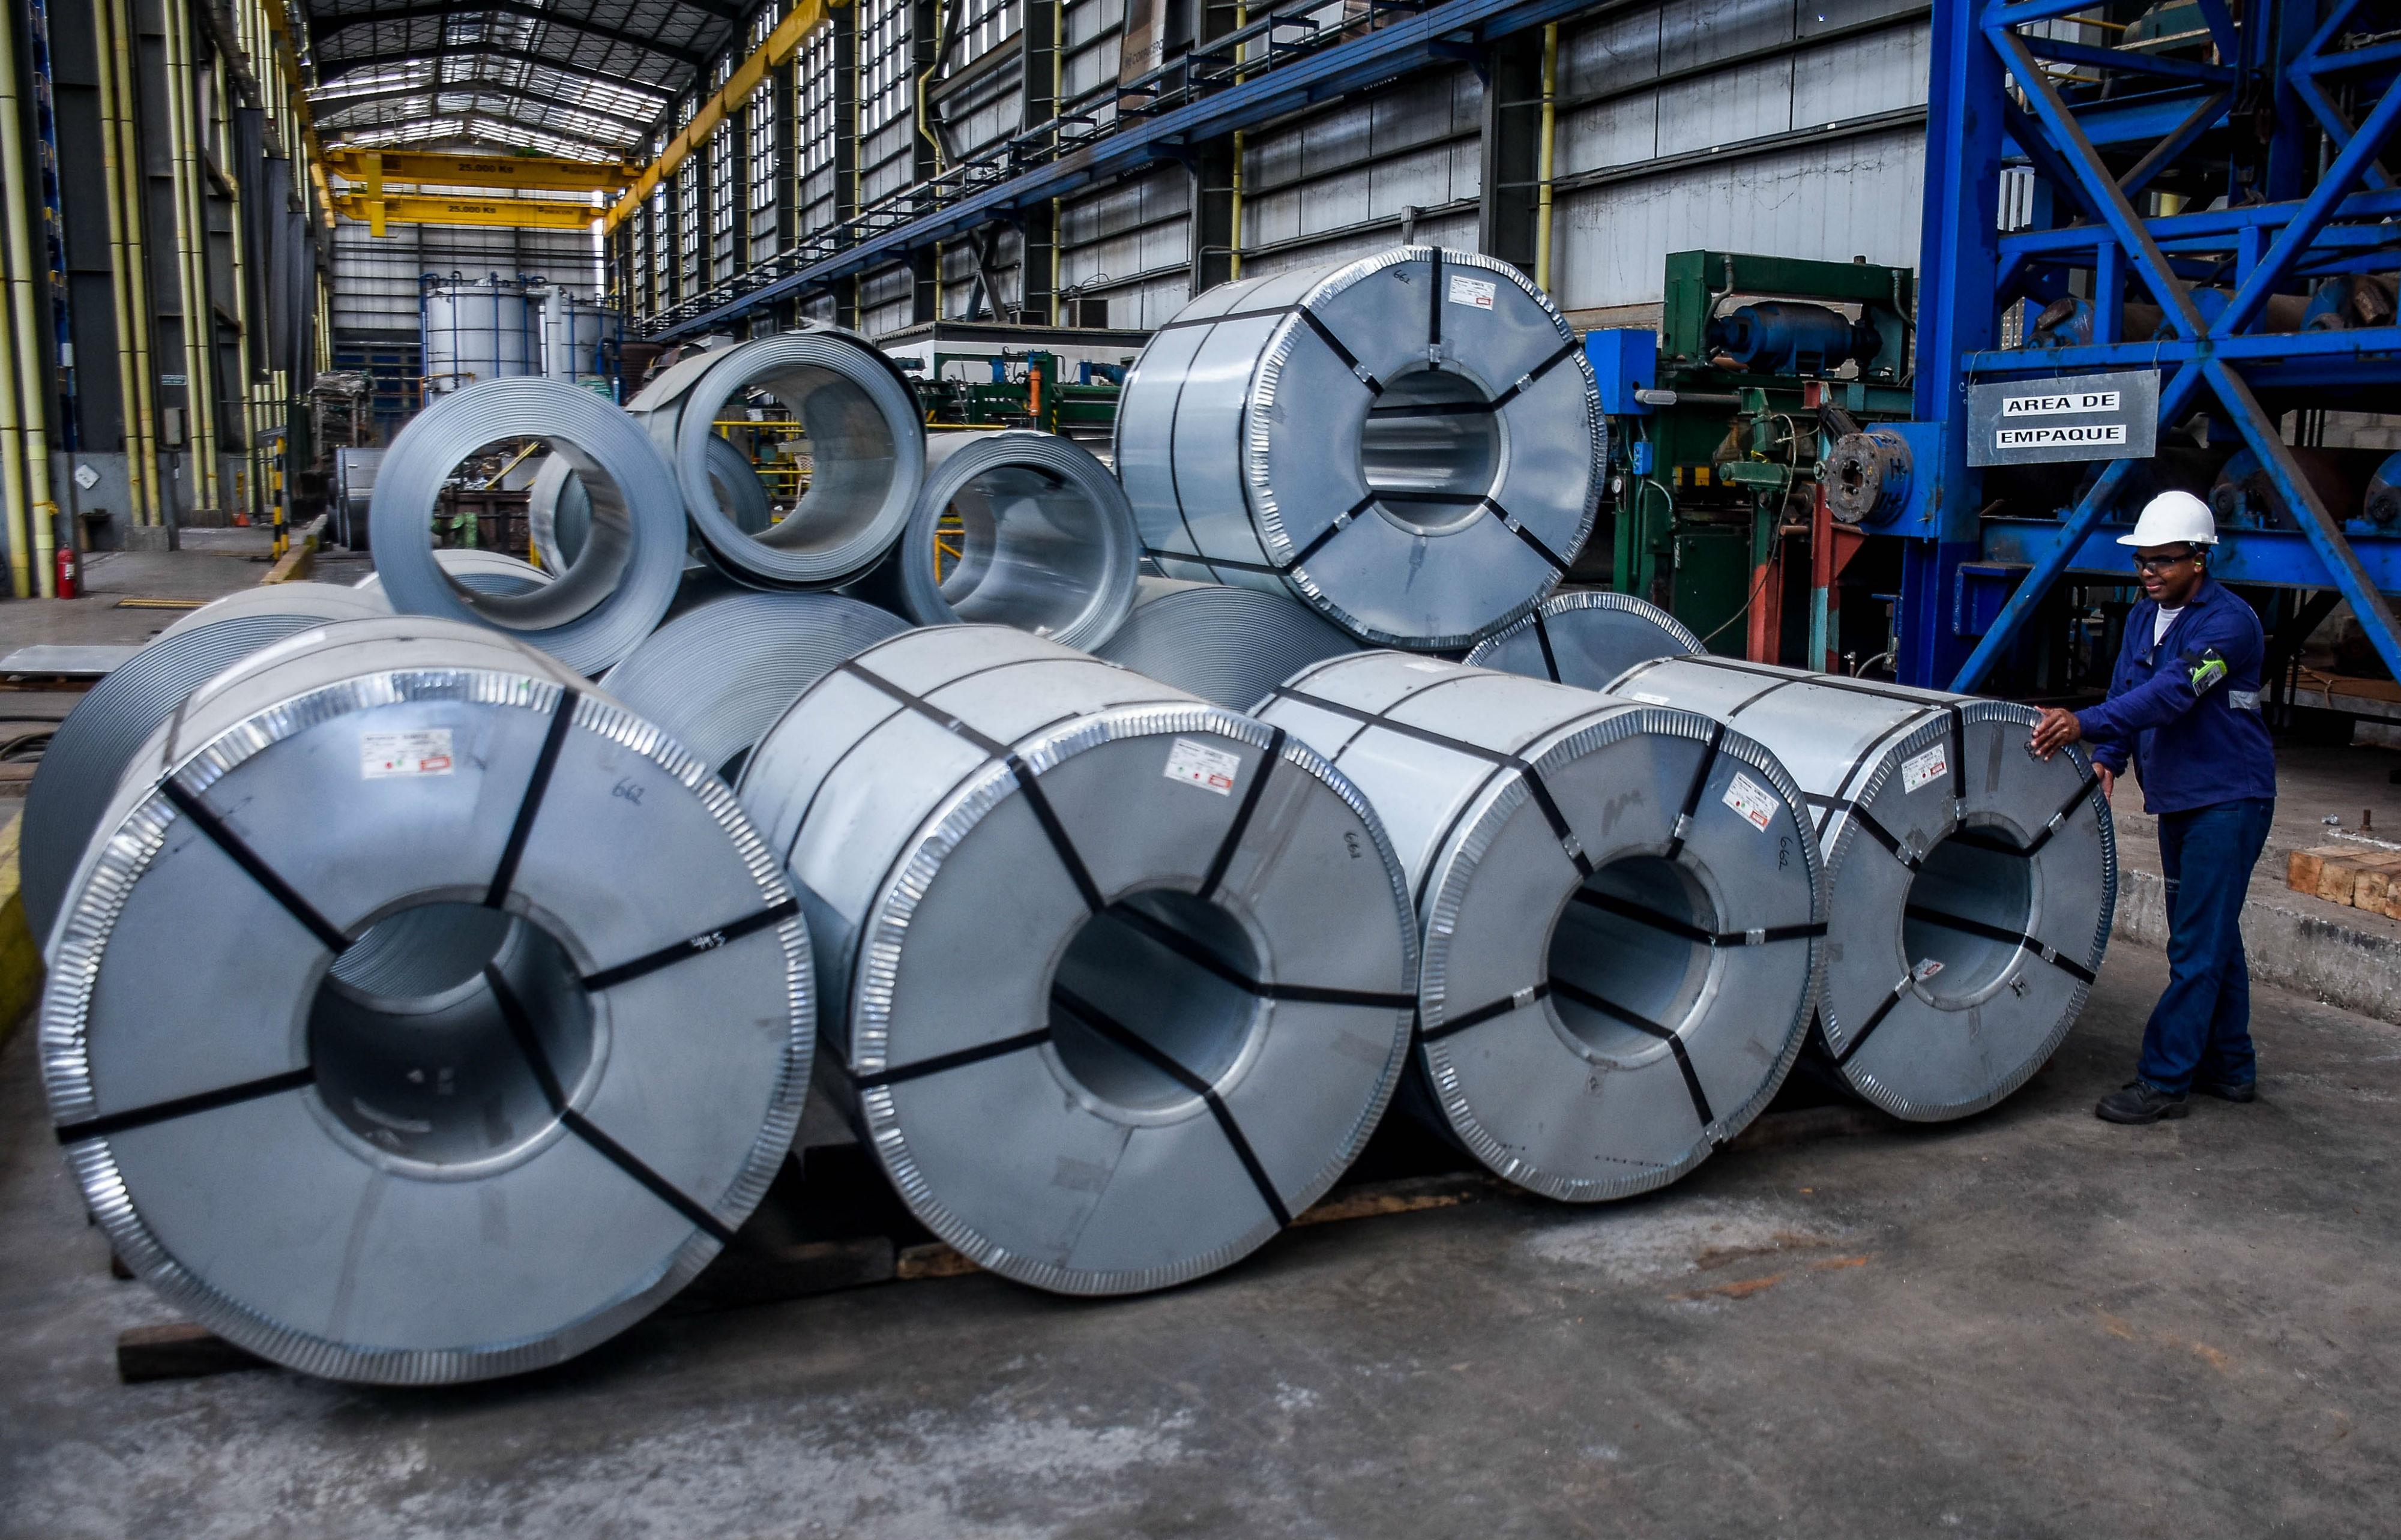 Bovina galvanizada en planta de Corpacero, una de las empresas de Barranquilla del sector.